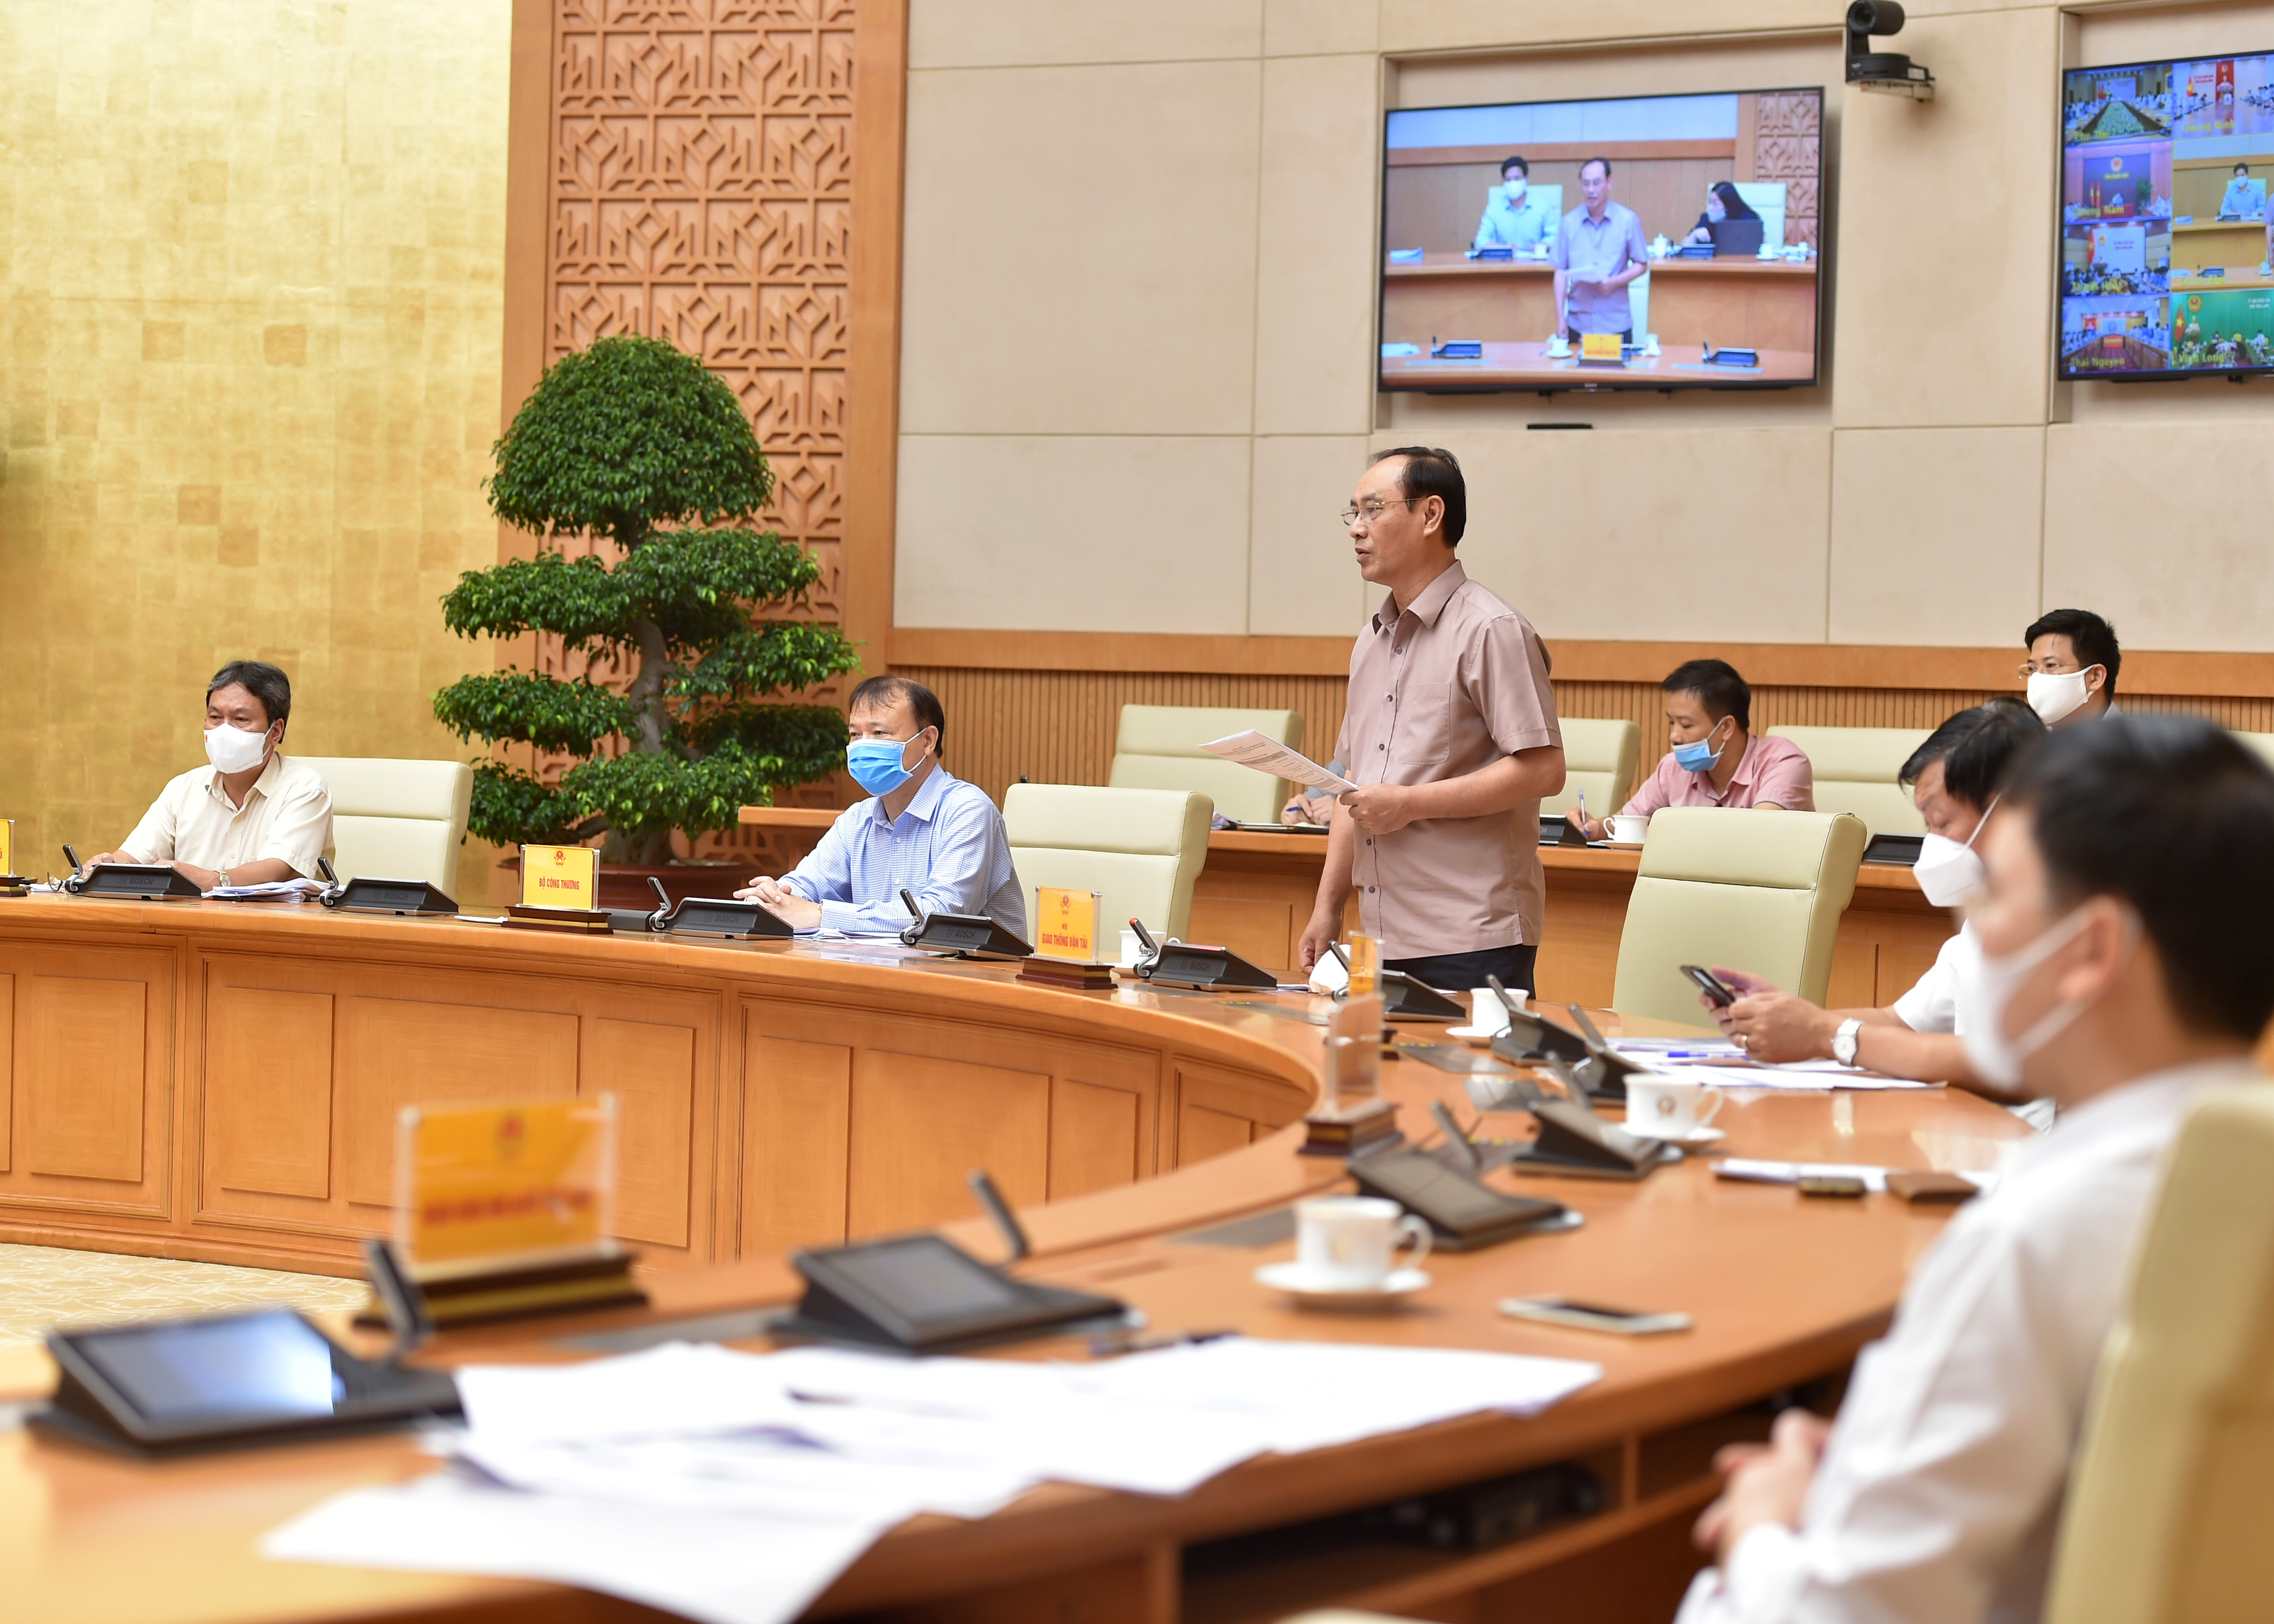 Thứ trưởng Bộ Giao thông vận tải Lê Đình Thọ cho biết, hiện lưu không hàng hóa không có vướng mắc lớn - Ảnh: VGP/Đức Tuân